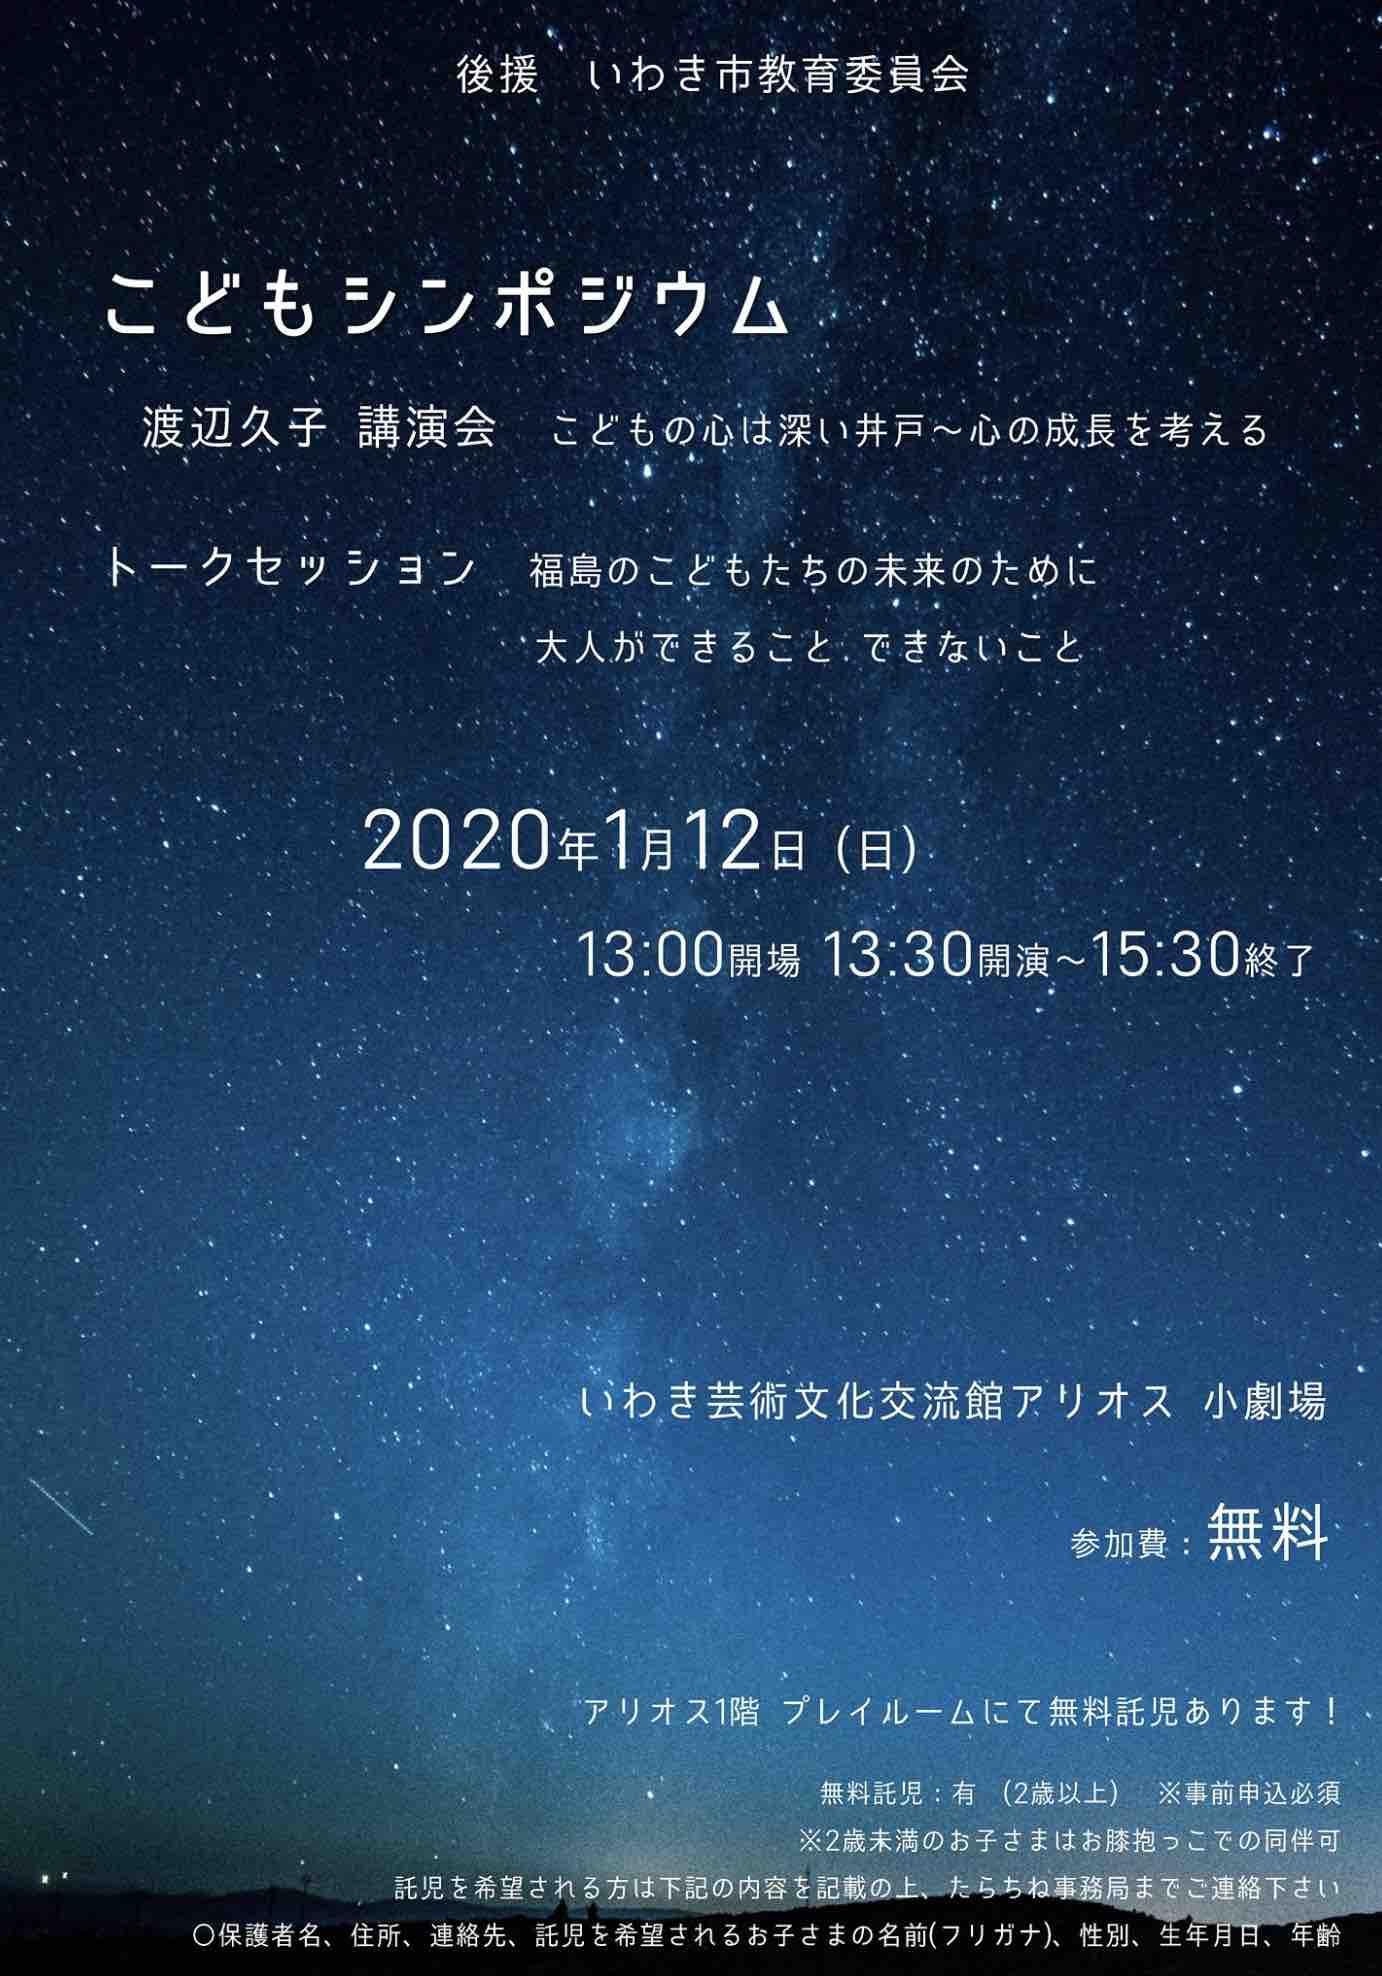 1月12日に「こどもシンポジウム」_e0068696_6185971.jpg